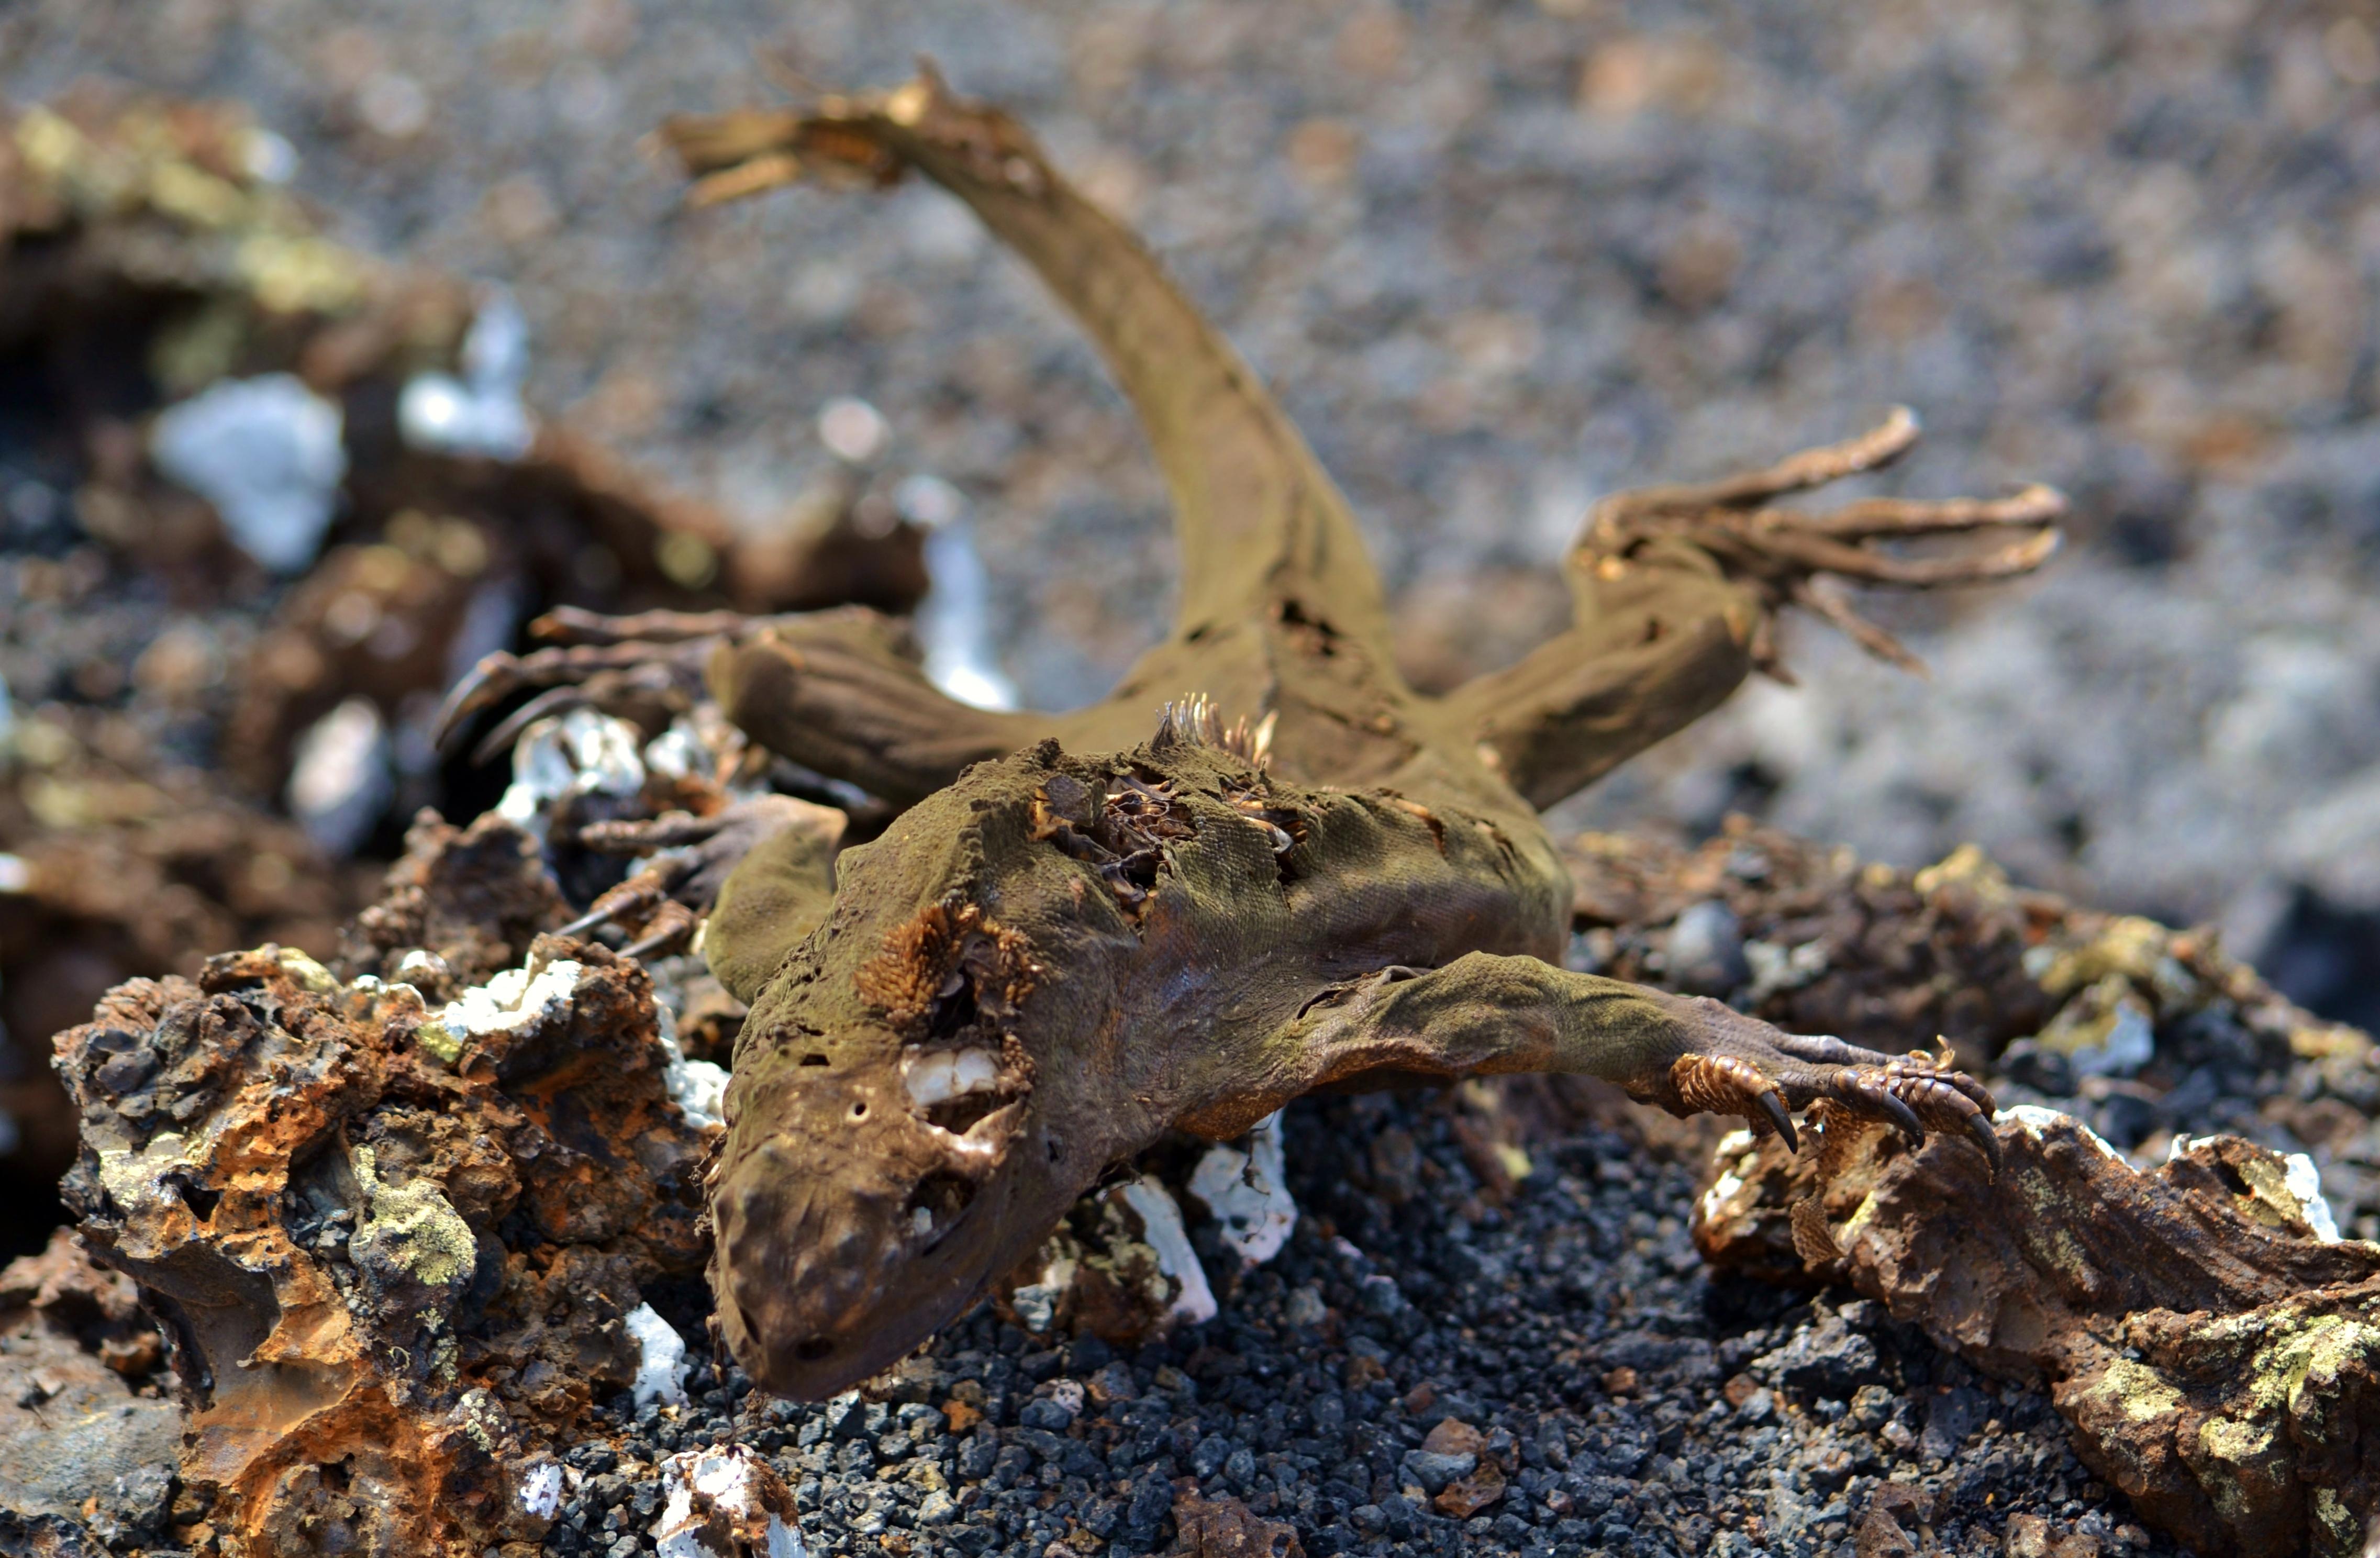 Islas de Galapagos skelet iguana